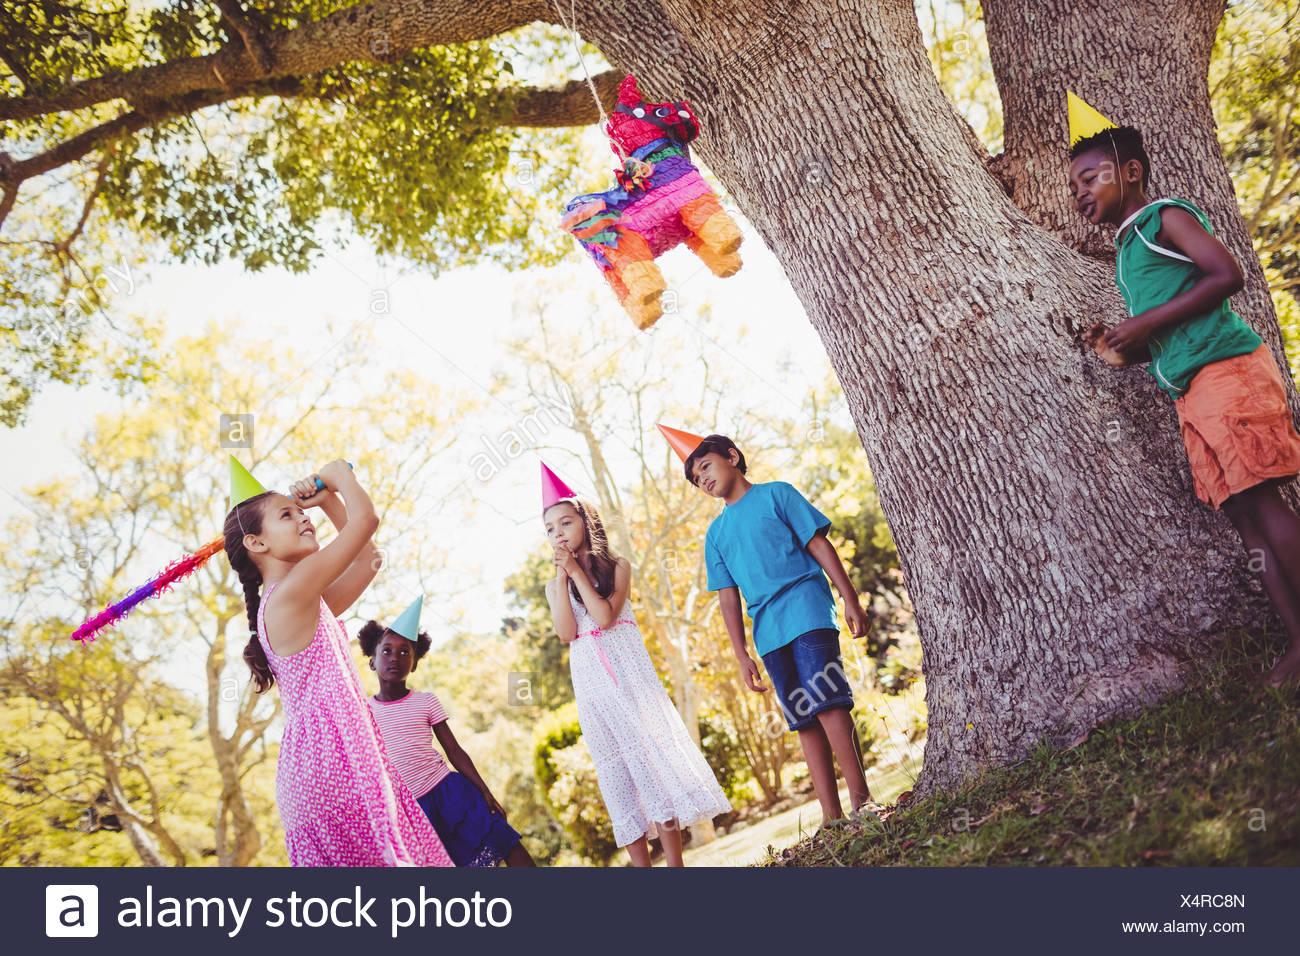 Petite fille va cassé la pinata pour son anniversaire Photo Stock